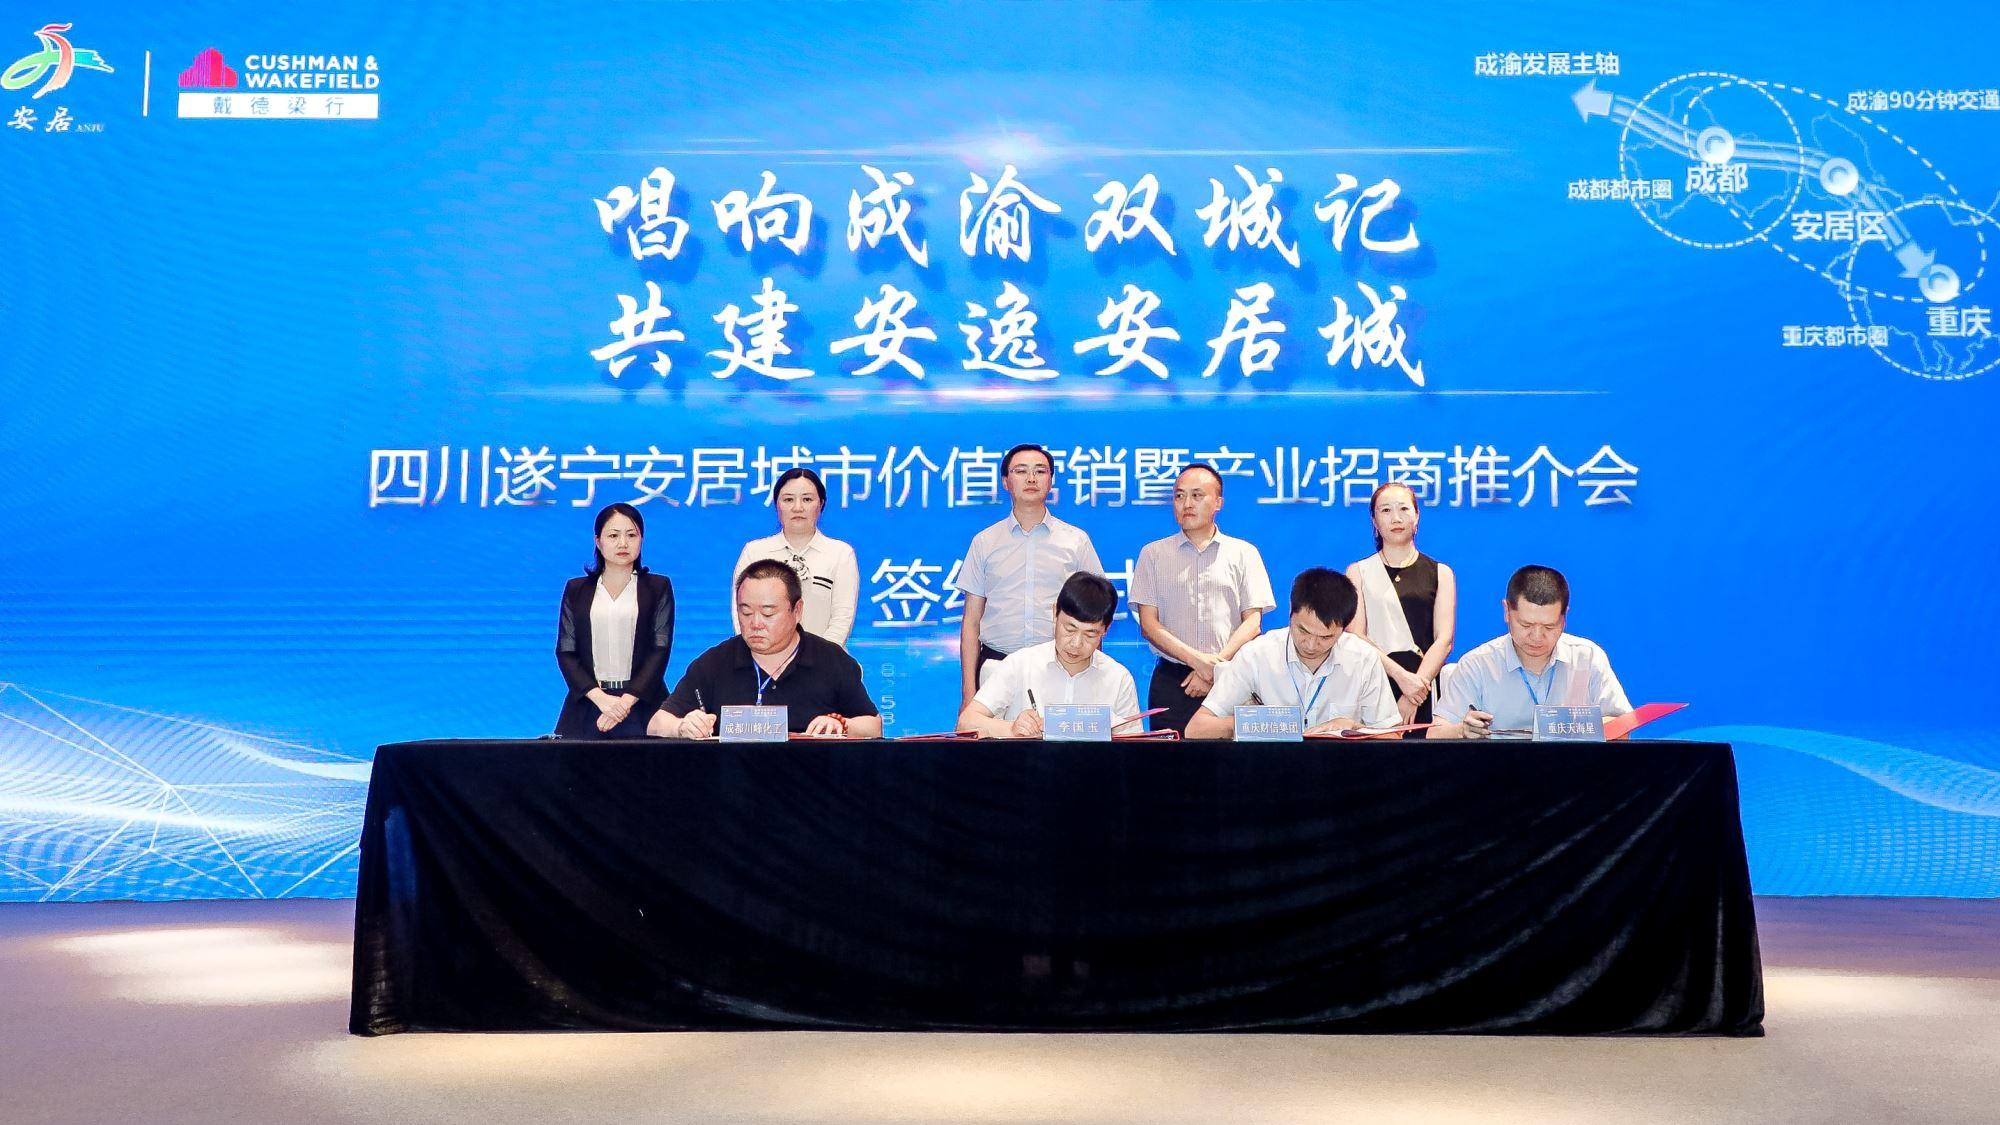 遂宁市安居区2020年城市价值营销暨产业招商推介会8